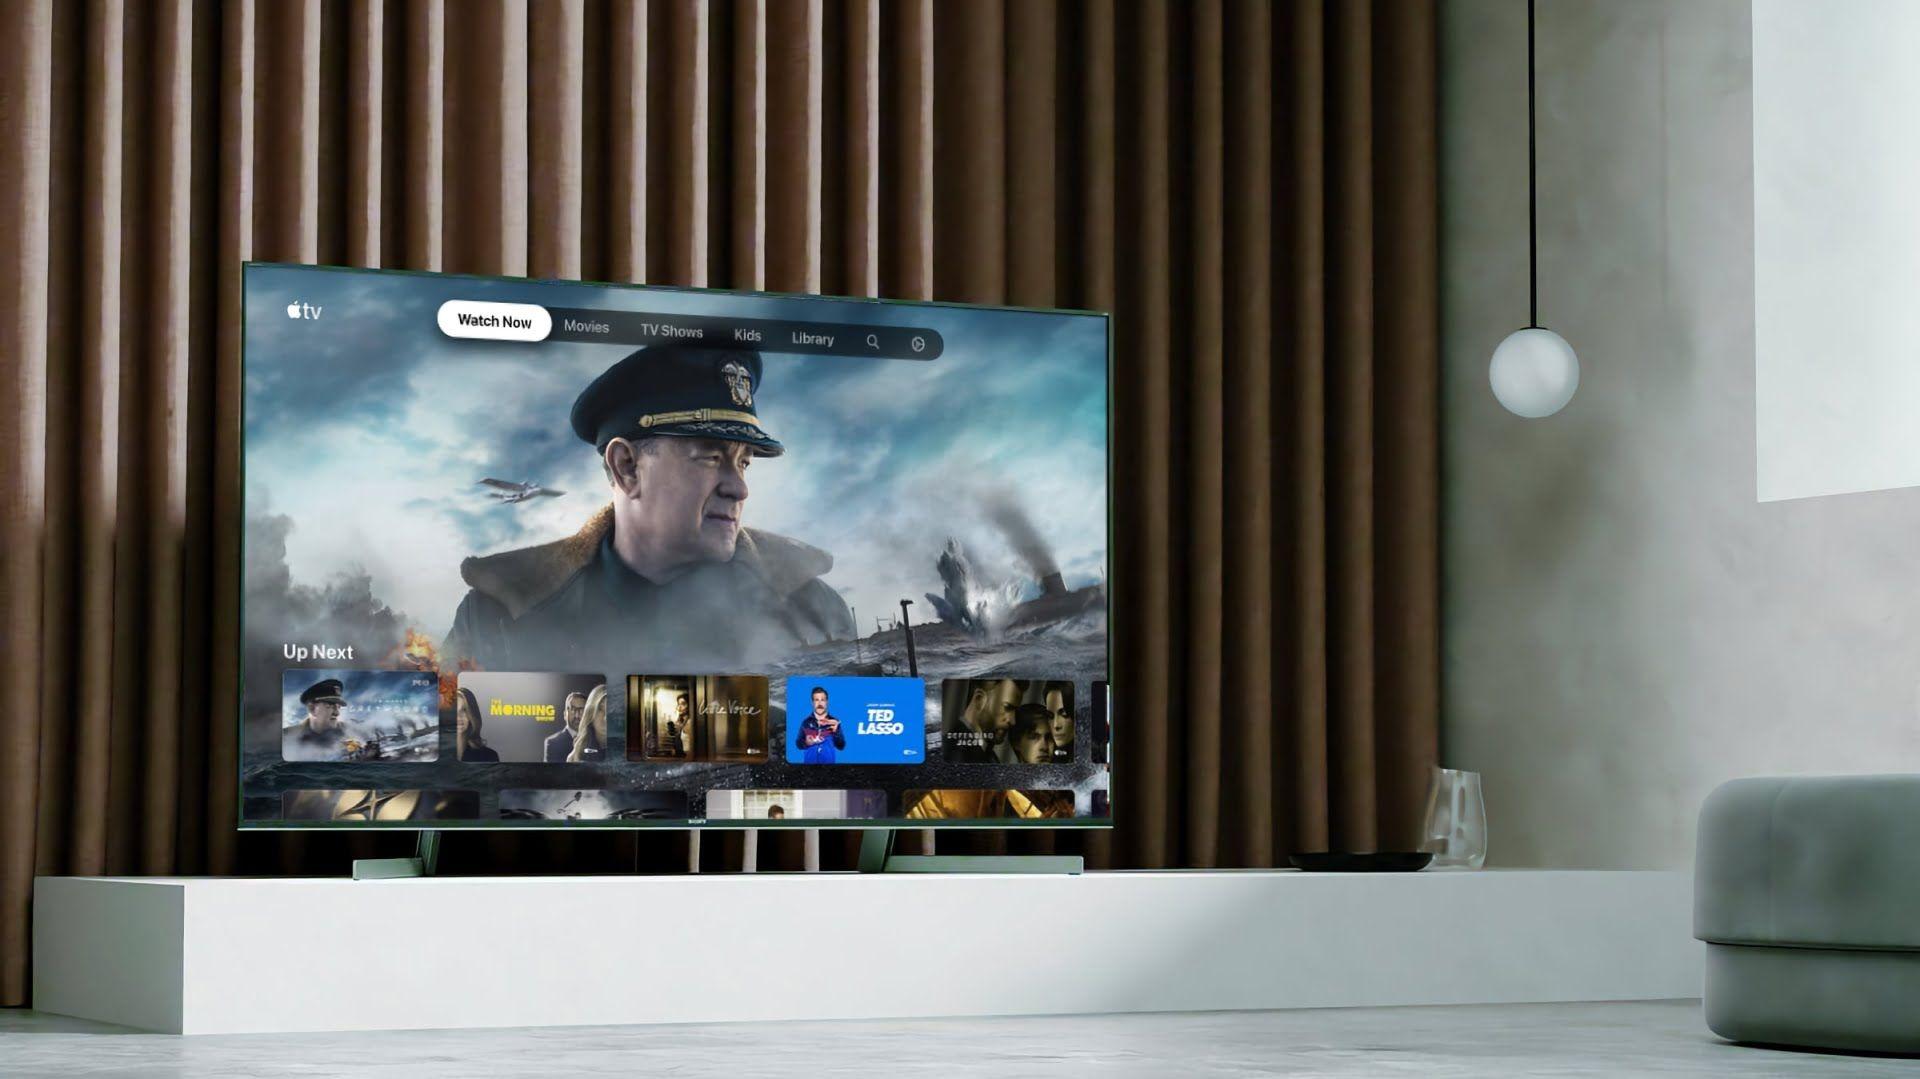 Aplikacja Apple TV dostępna w kolejnych telewizorach Sony